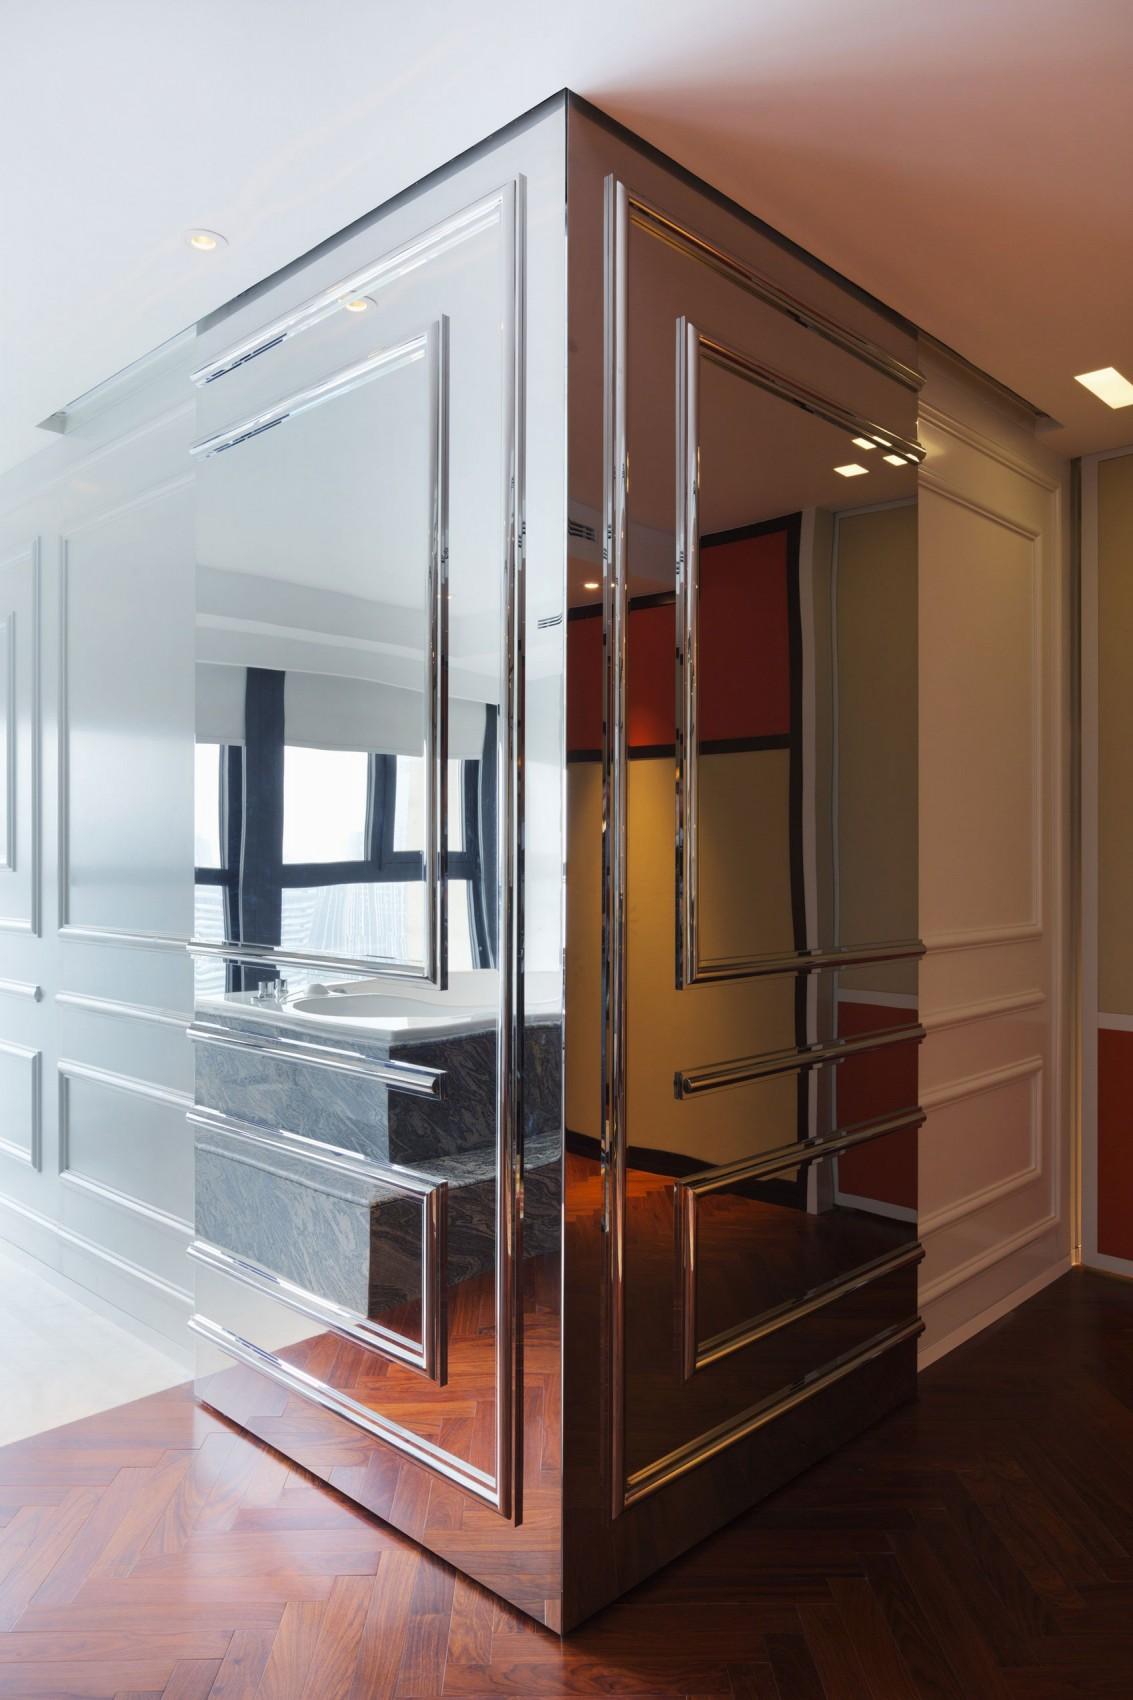 leblogdeco.fr/wp-content/2014/09/Appartement-chinois-déco-colorée-mur-avec-moulures-en-miroir.jpg